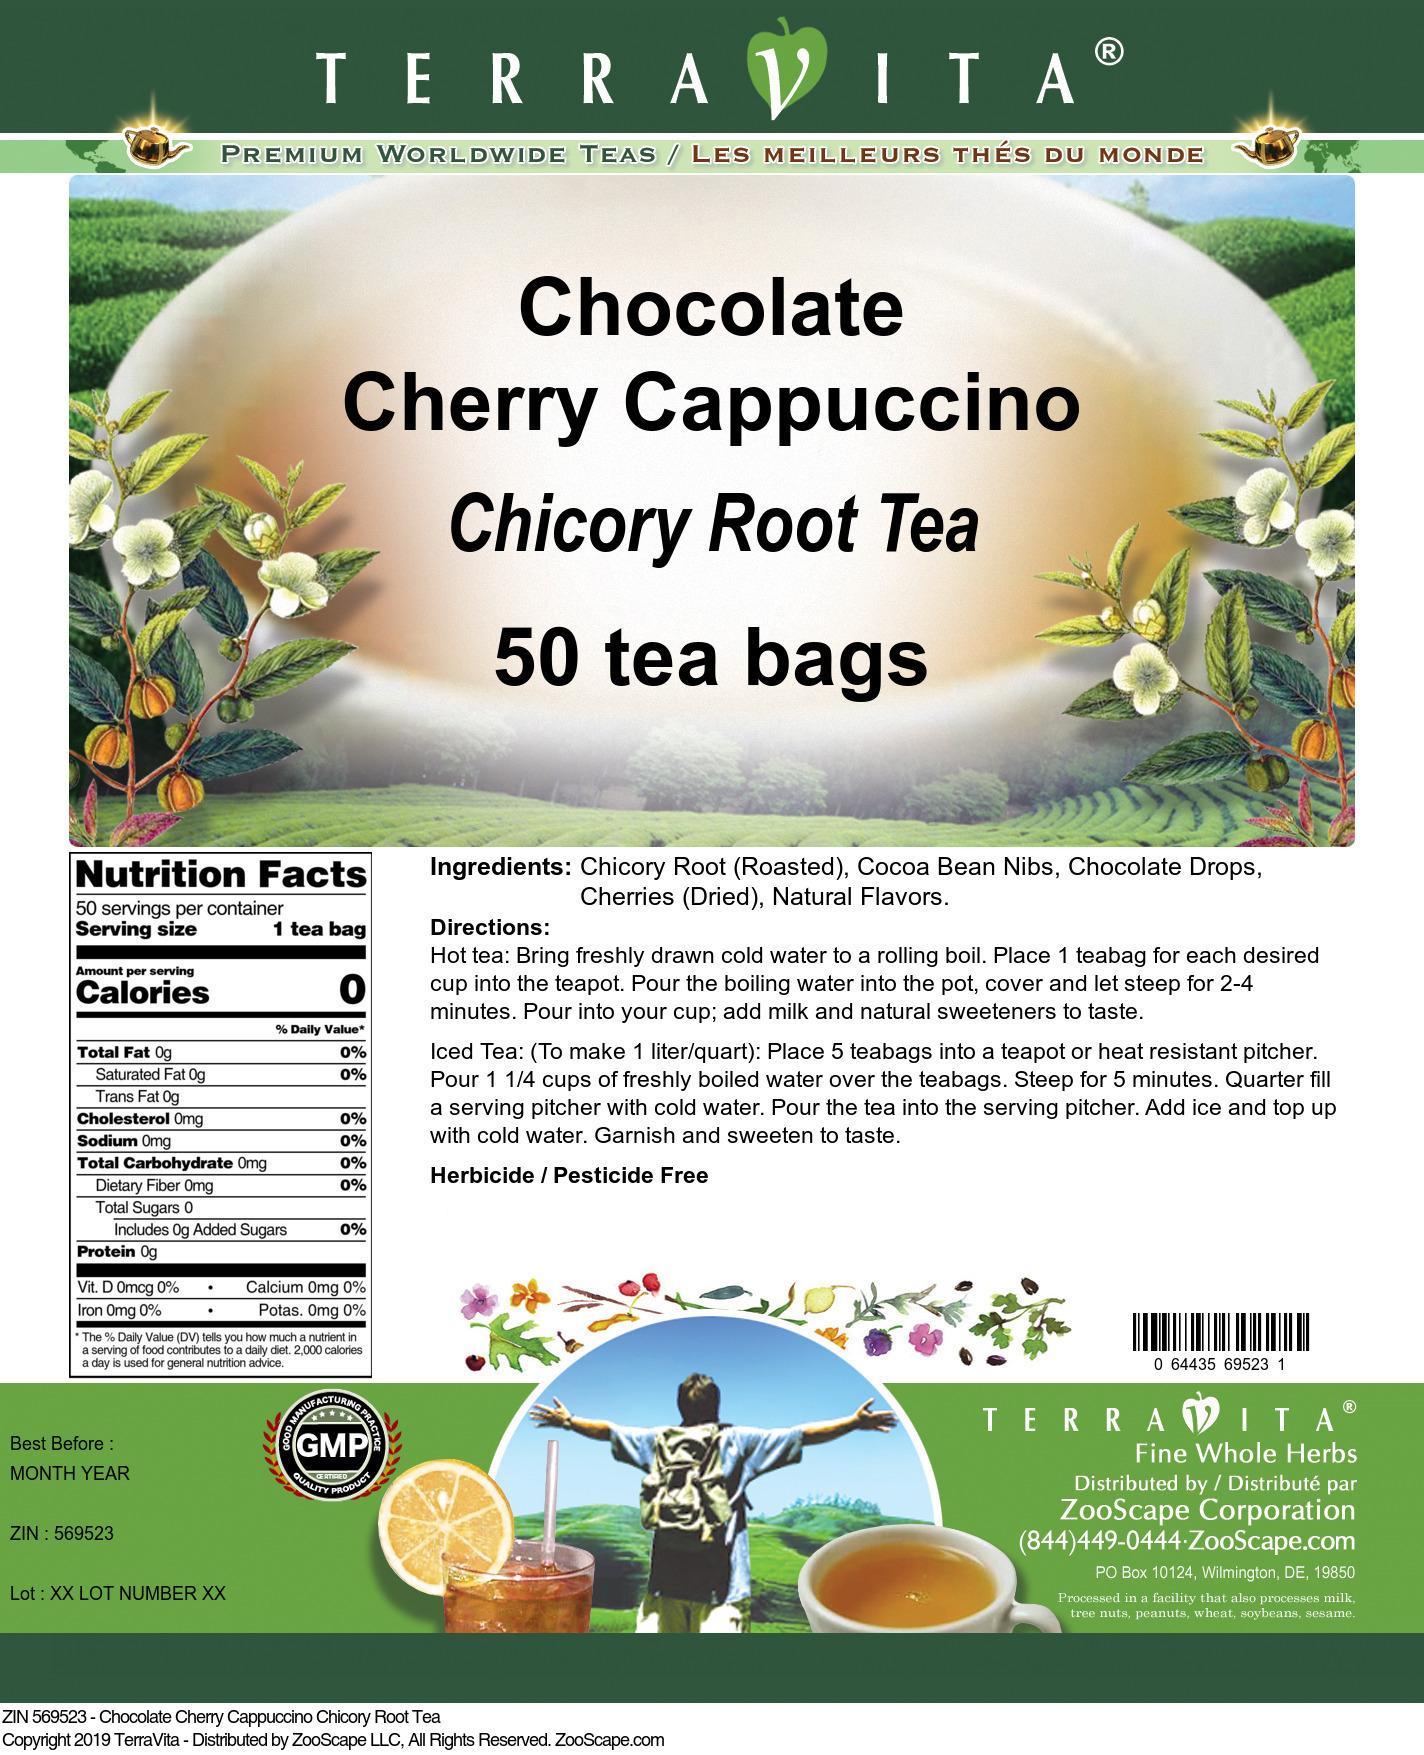 Chocolate Cherry Cappuccino Chicory Root Tea